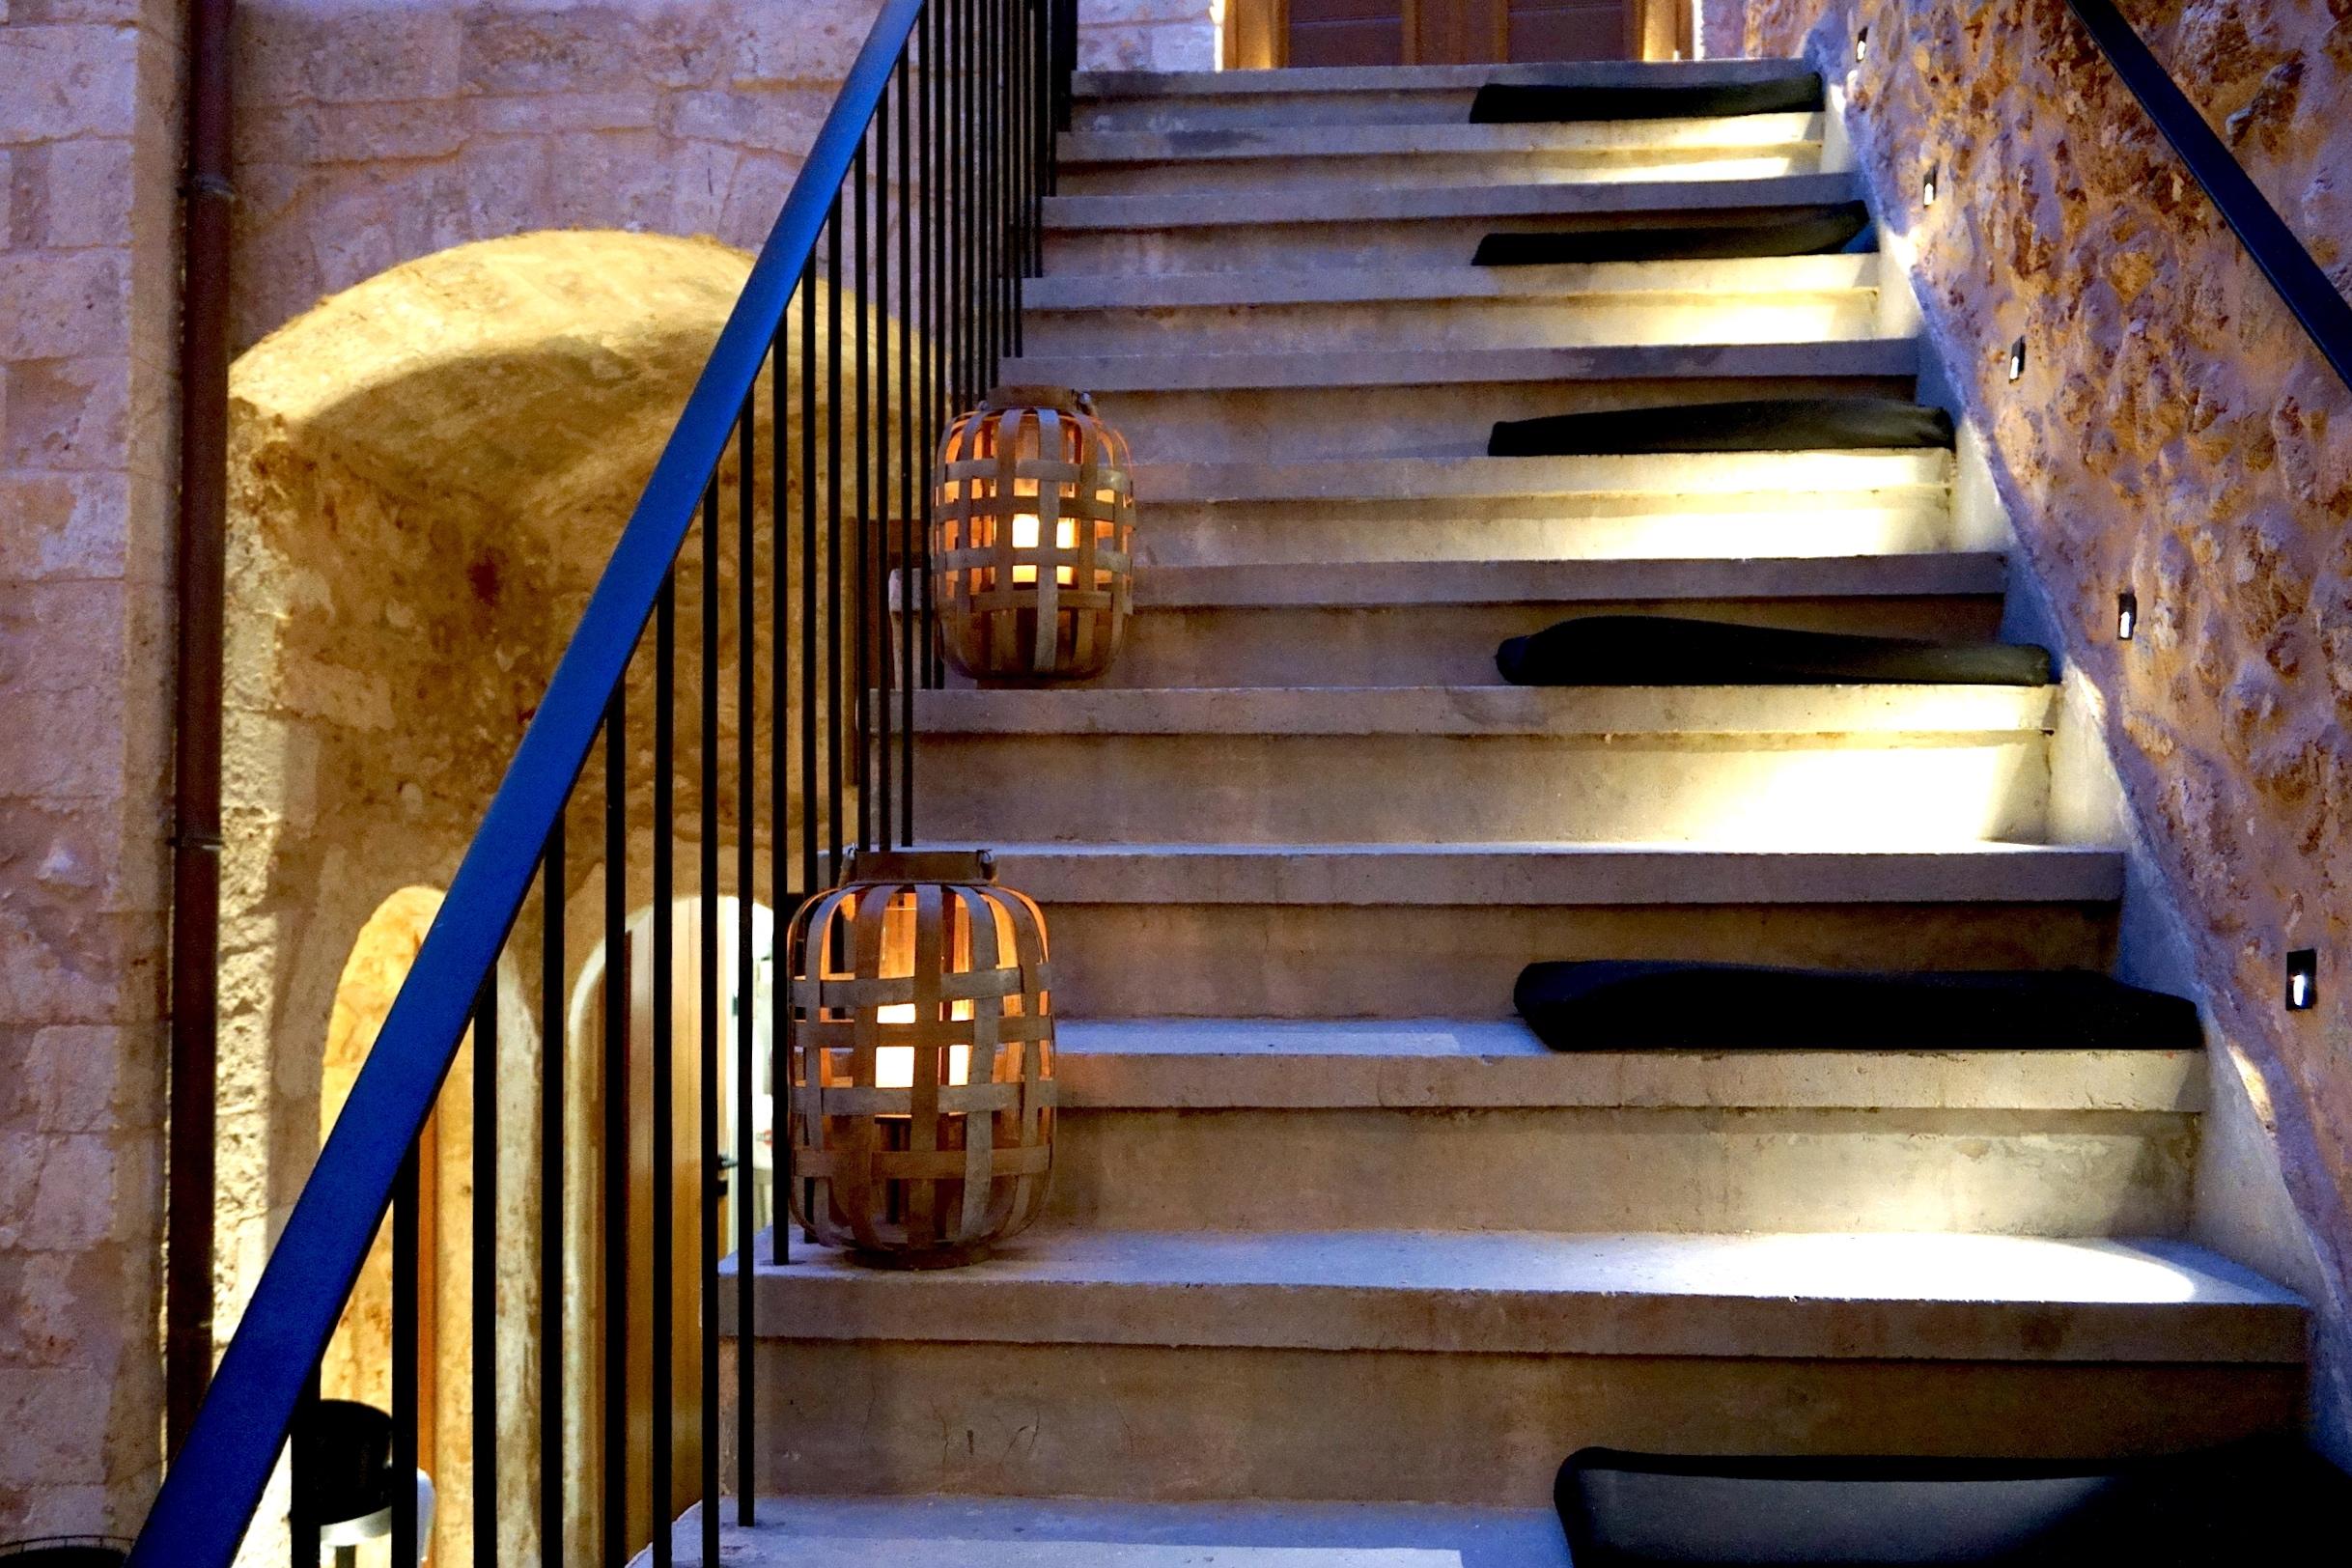 MonEs-Chania-stairs.JPG